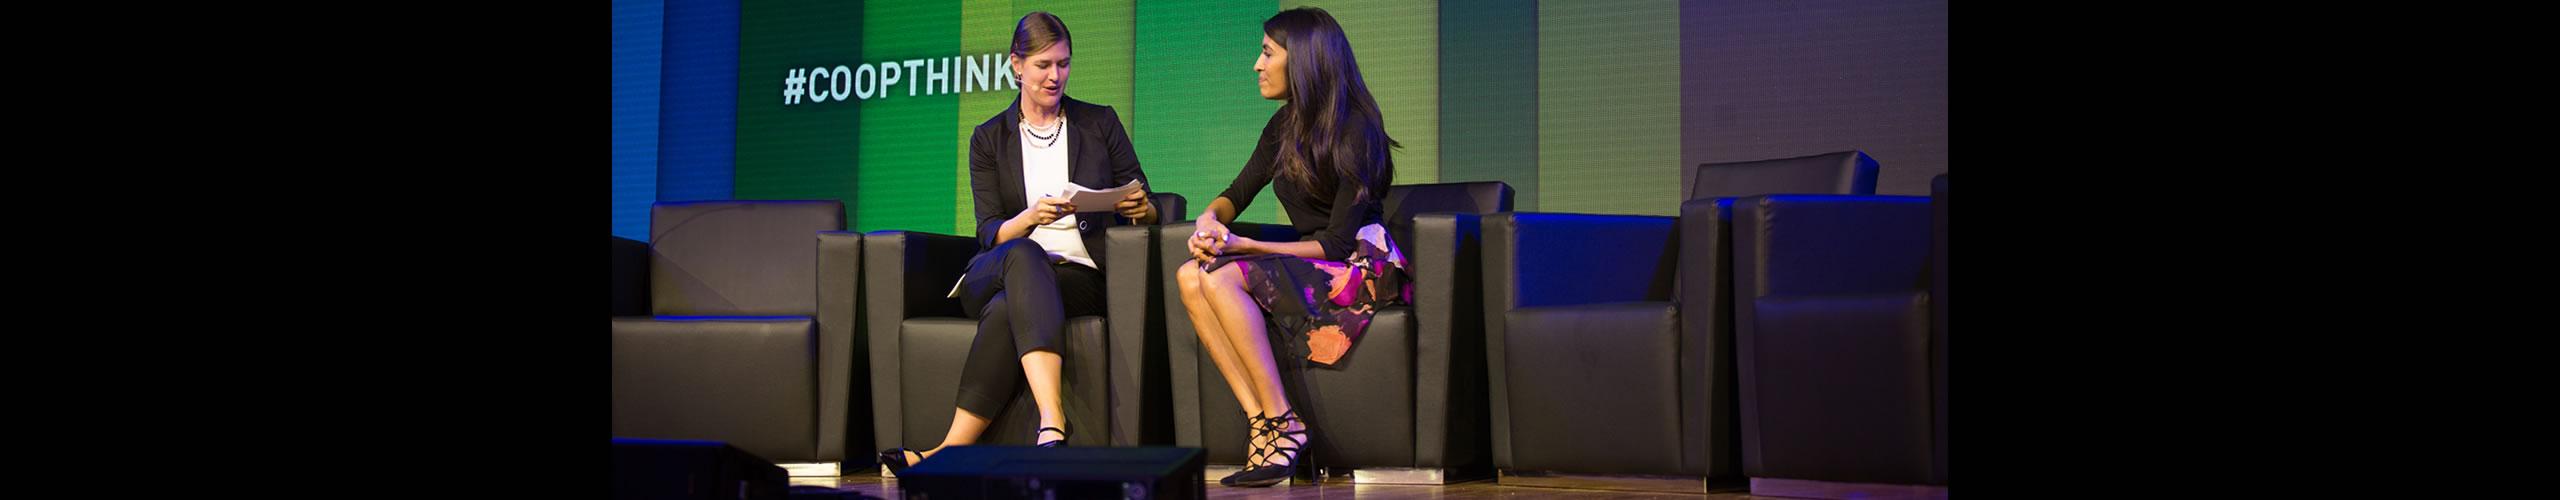 Leila Janah Q&A: Build Philanthropy into Your Business